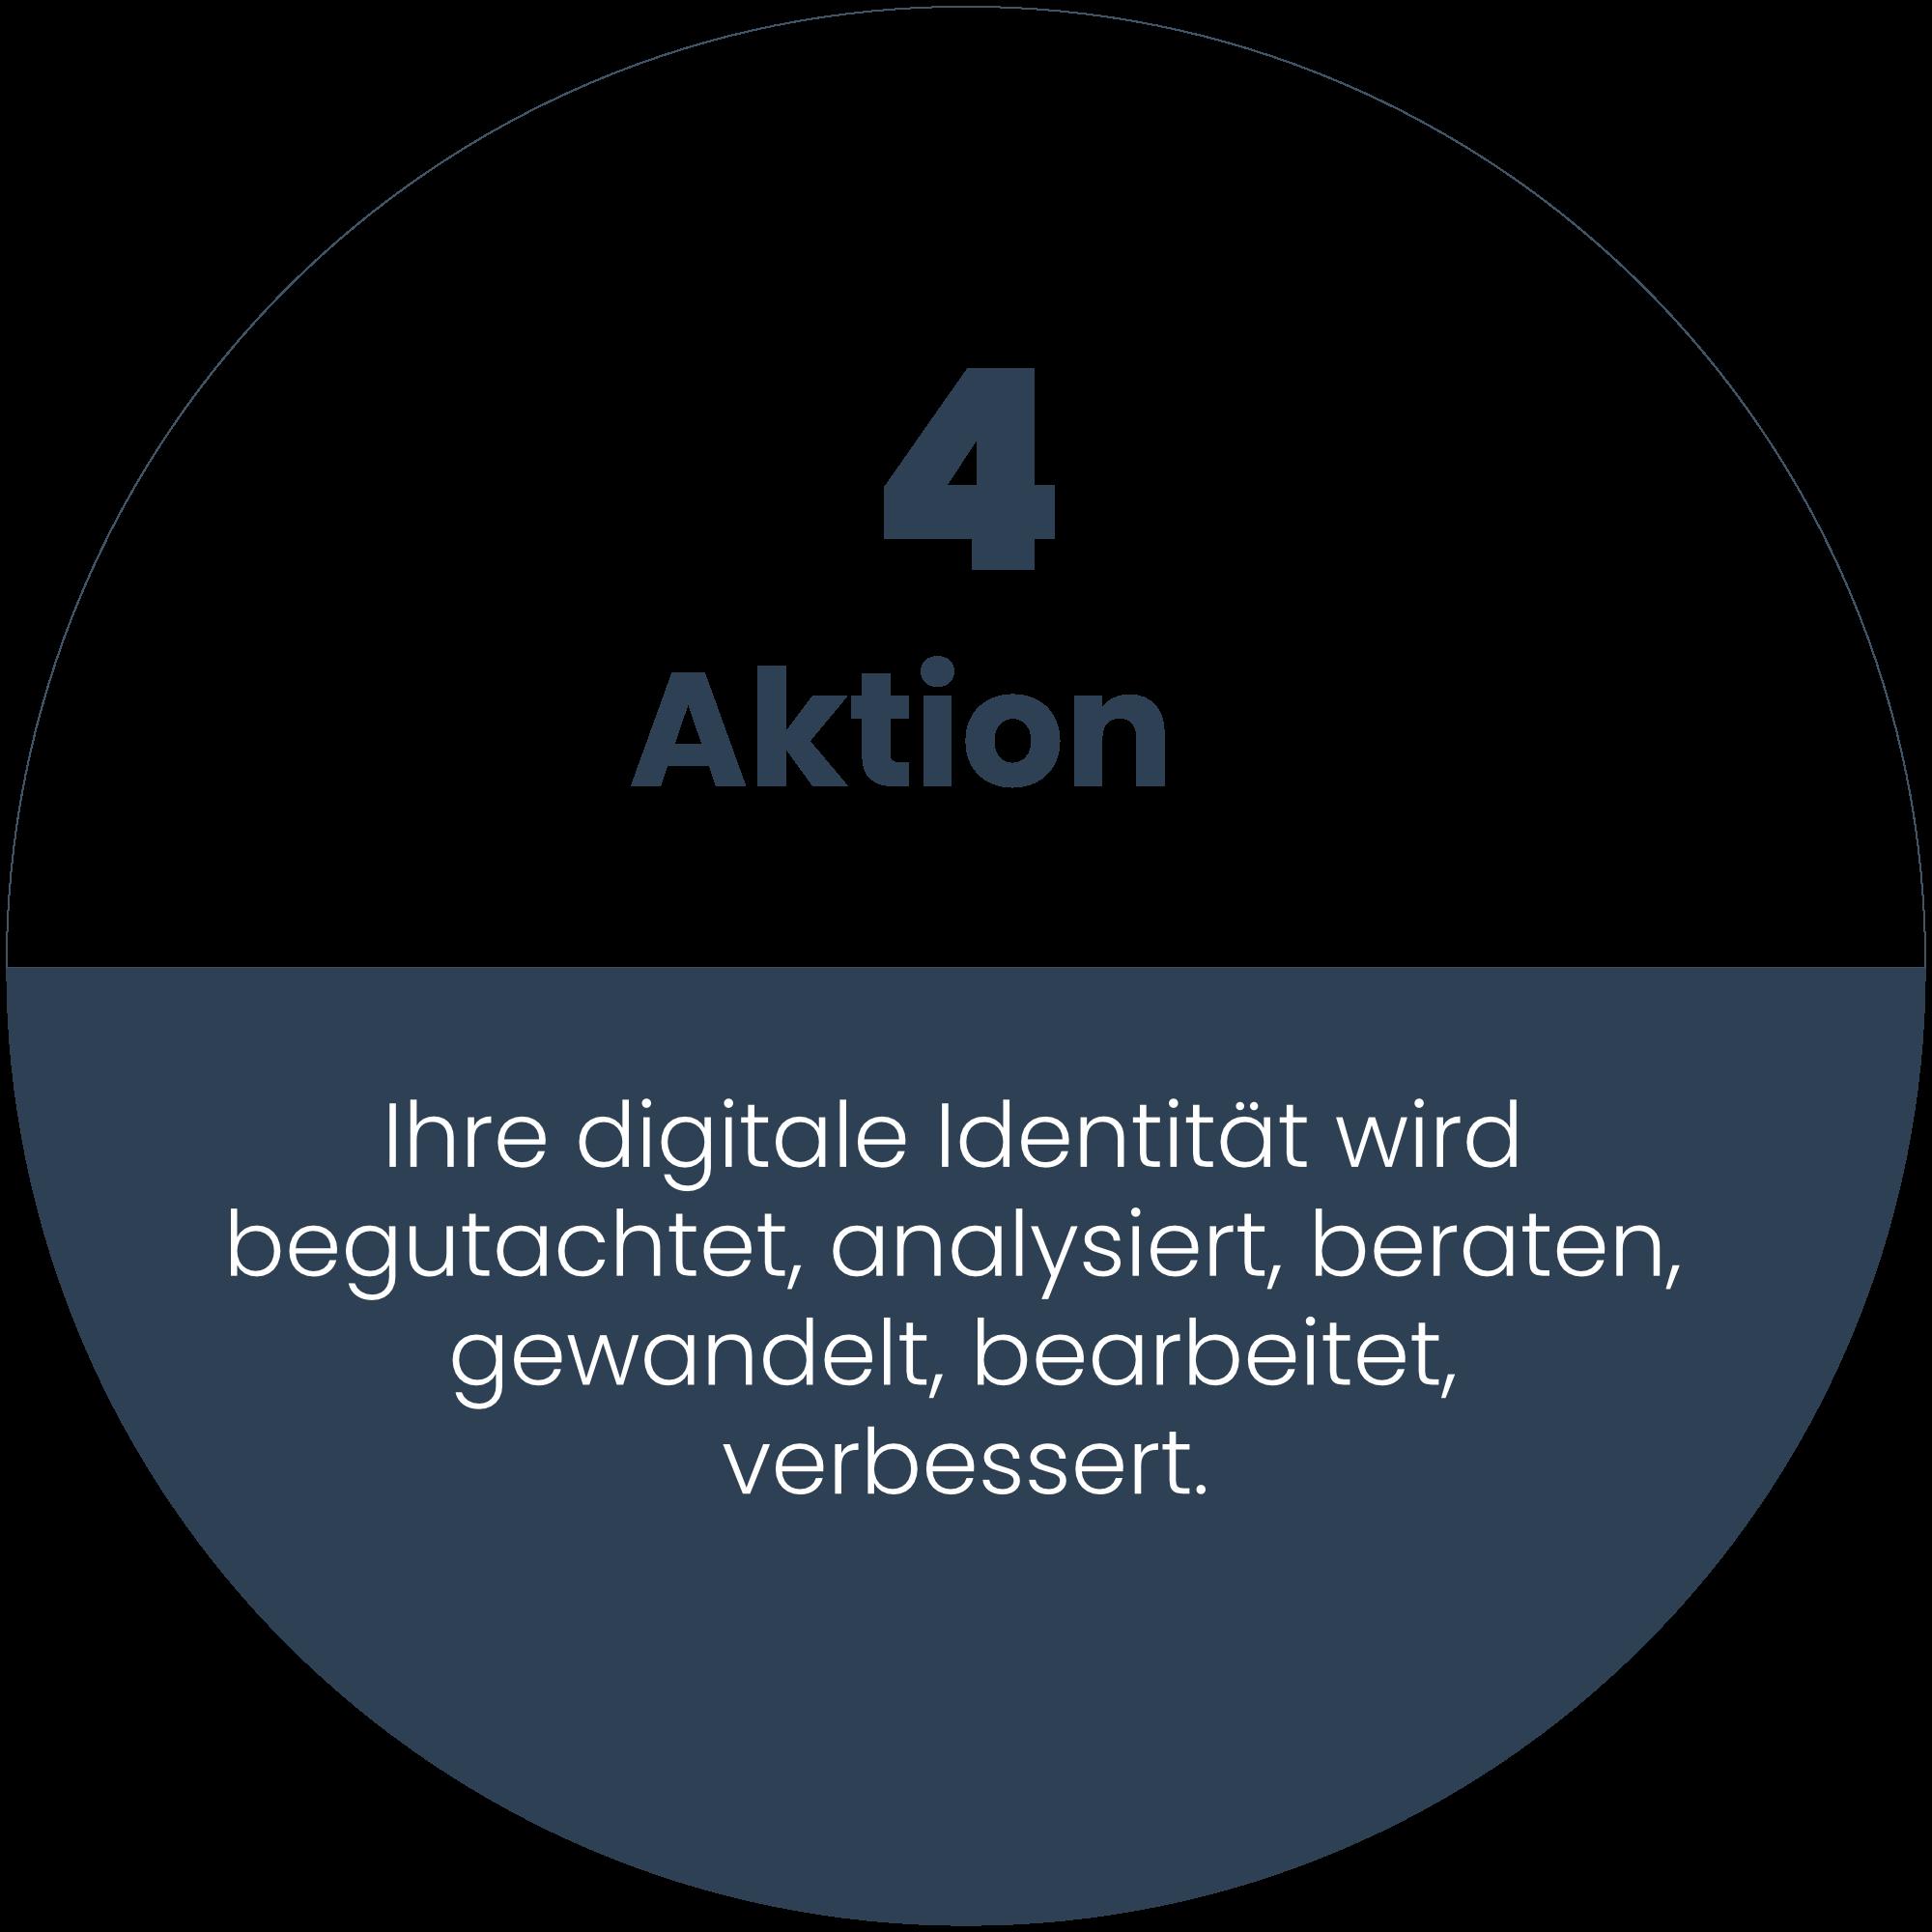 4-aktion